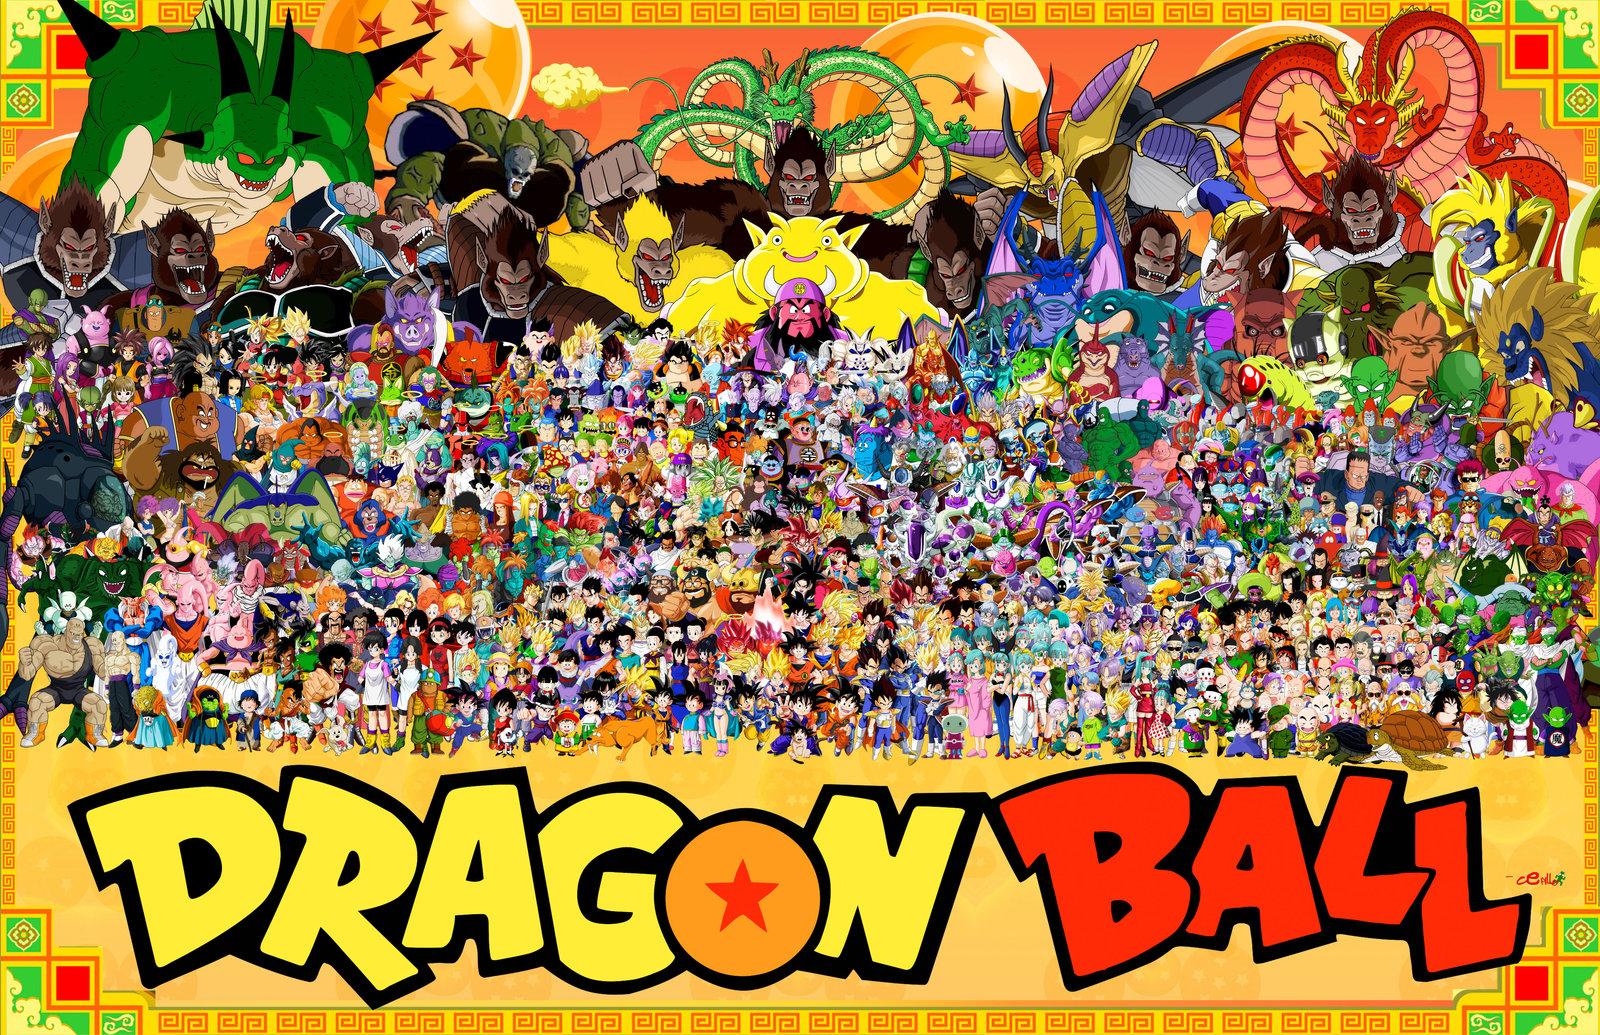 dragon ball universe wallpaper by cepillo16 fan art wallpaper movies 1600x1035